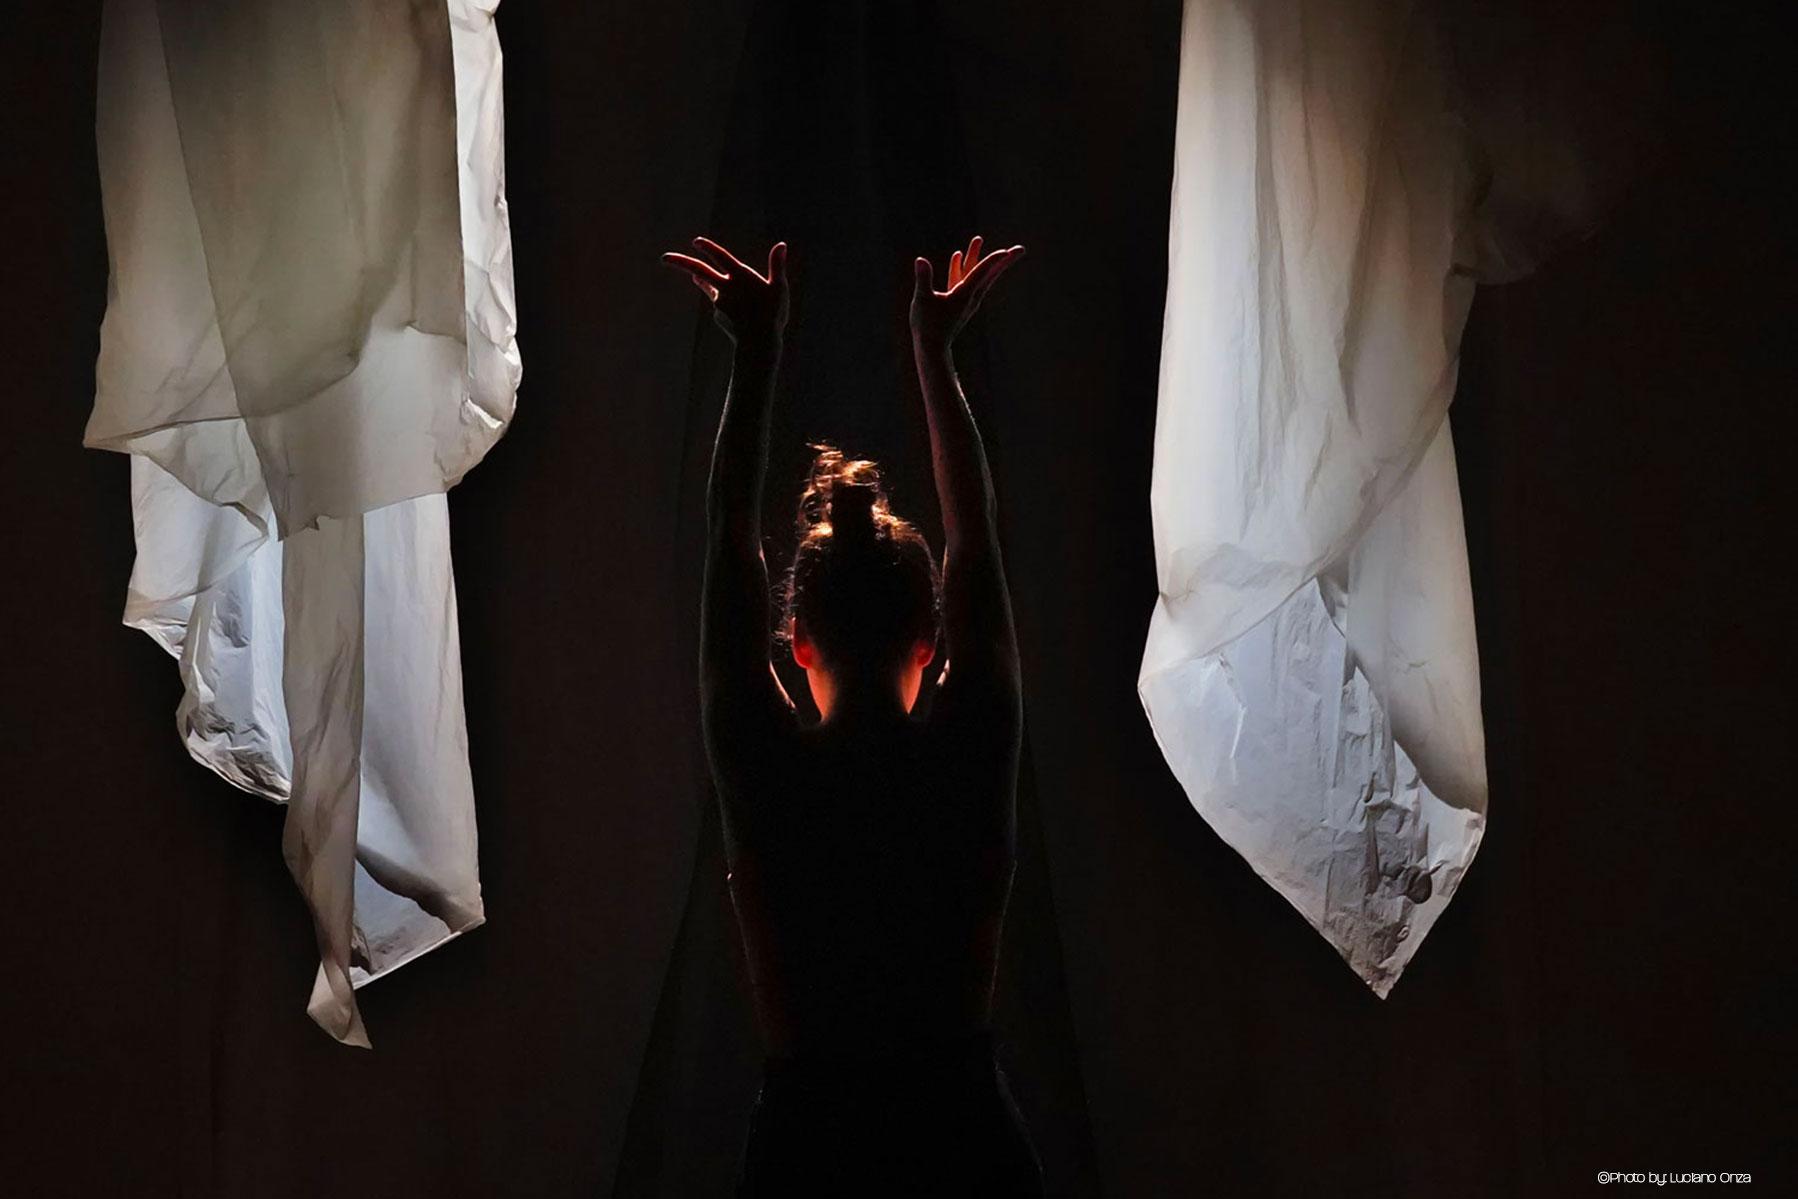 Foto Sosta Palmizi - Nanou - Florence DanceFestival 2020 3